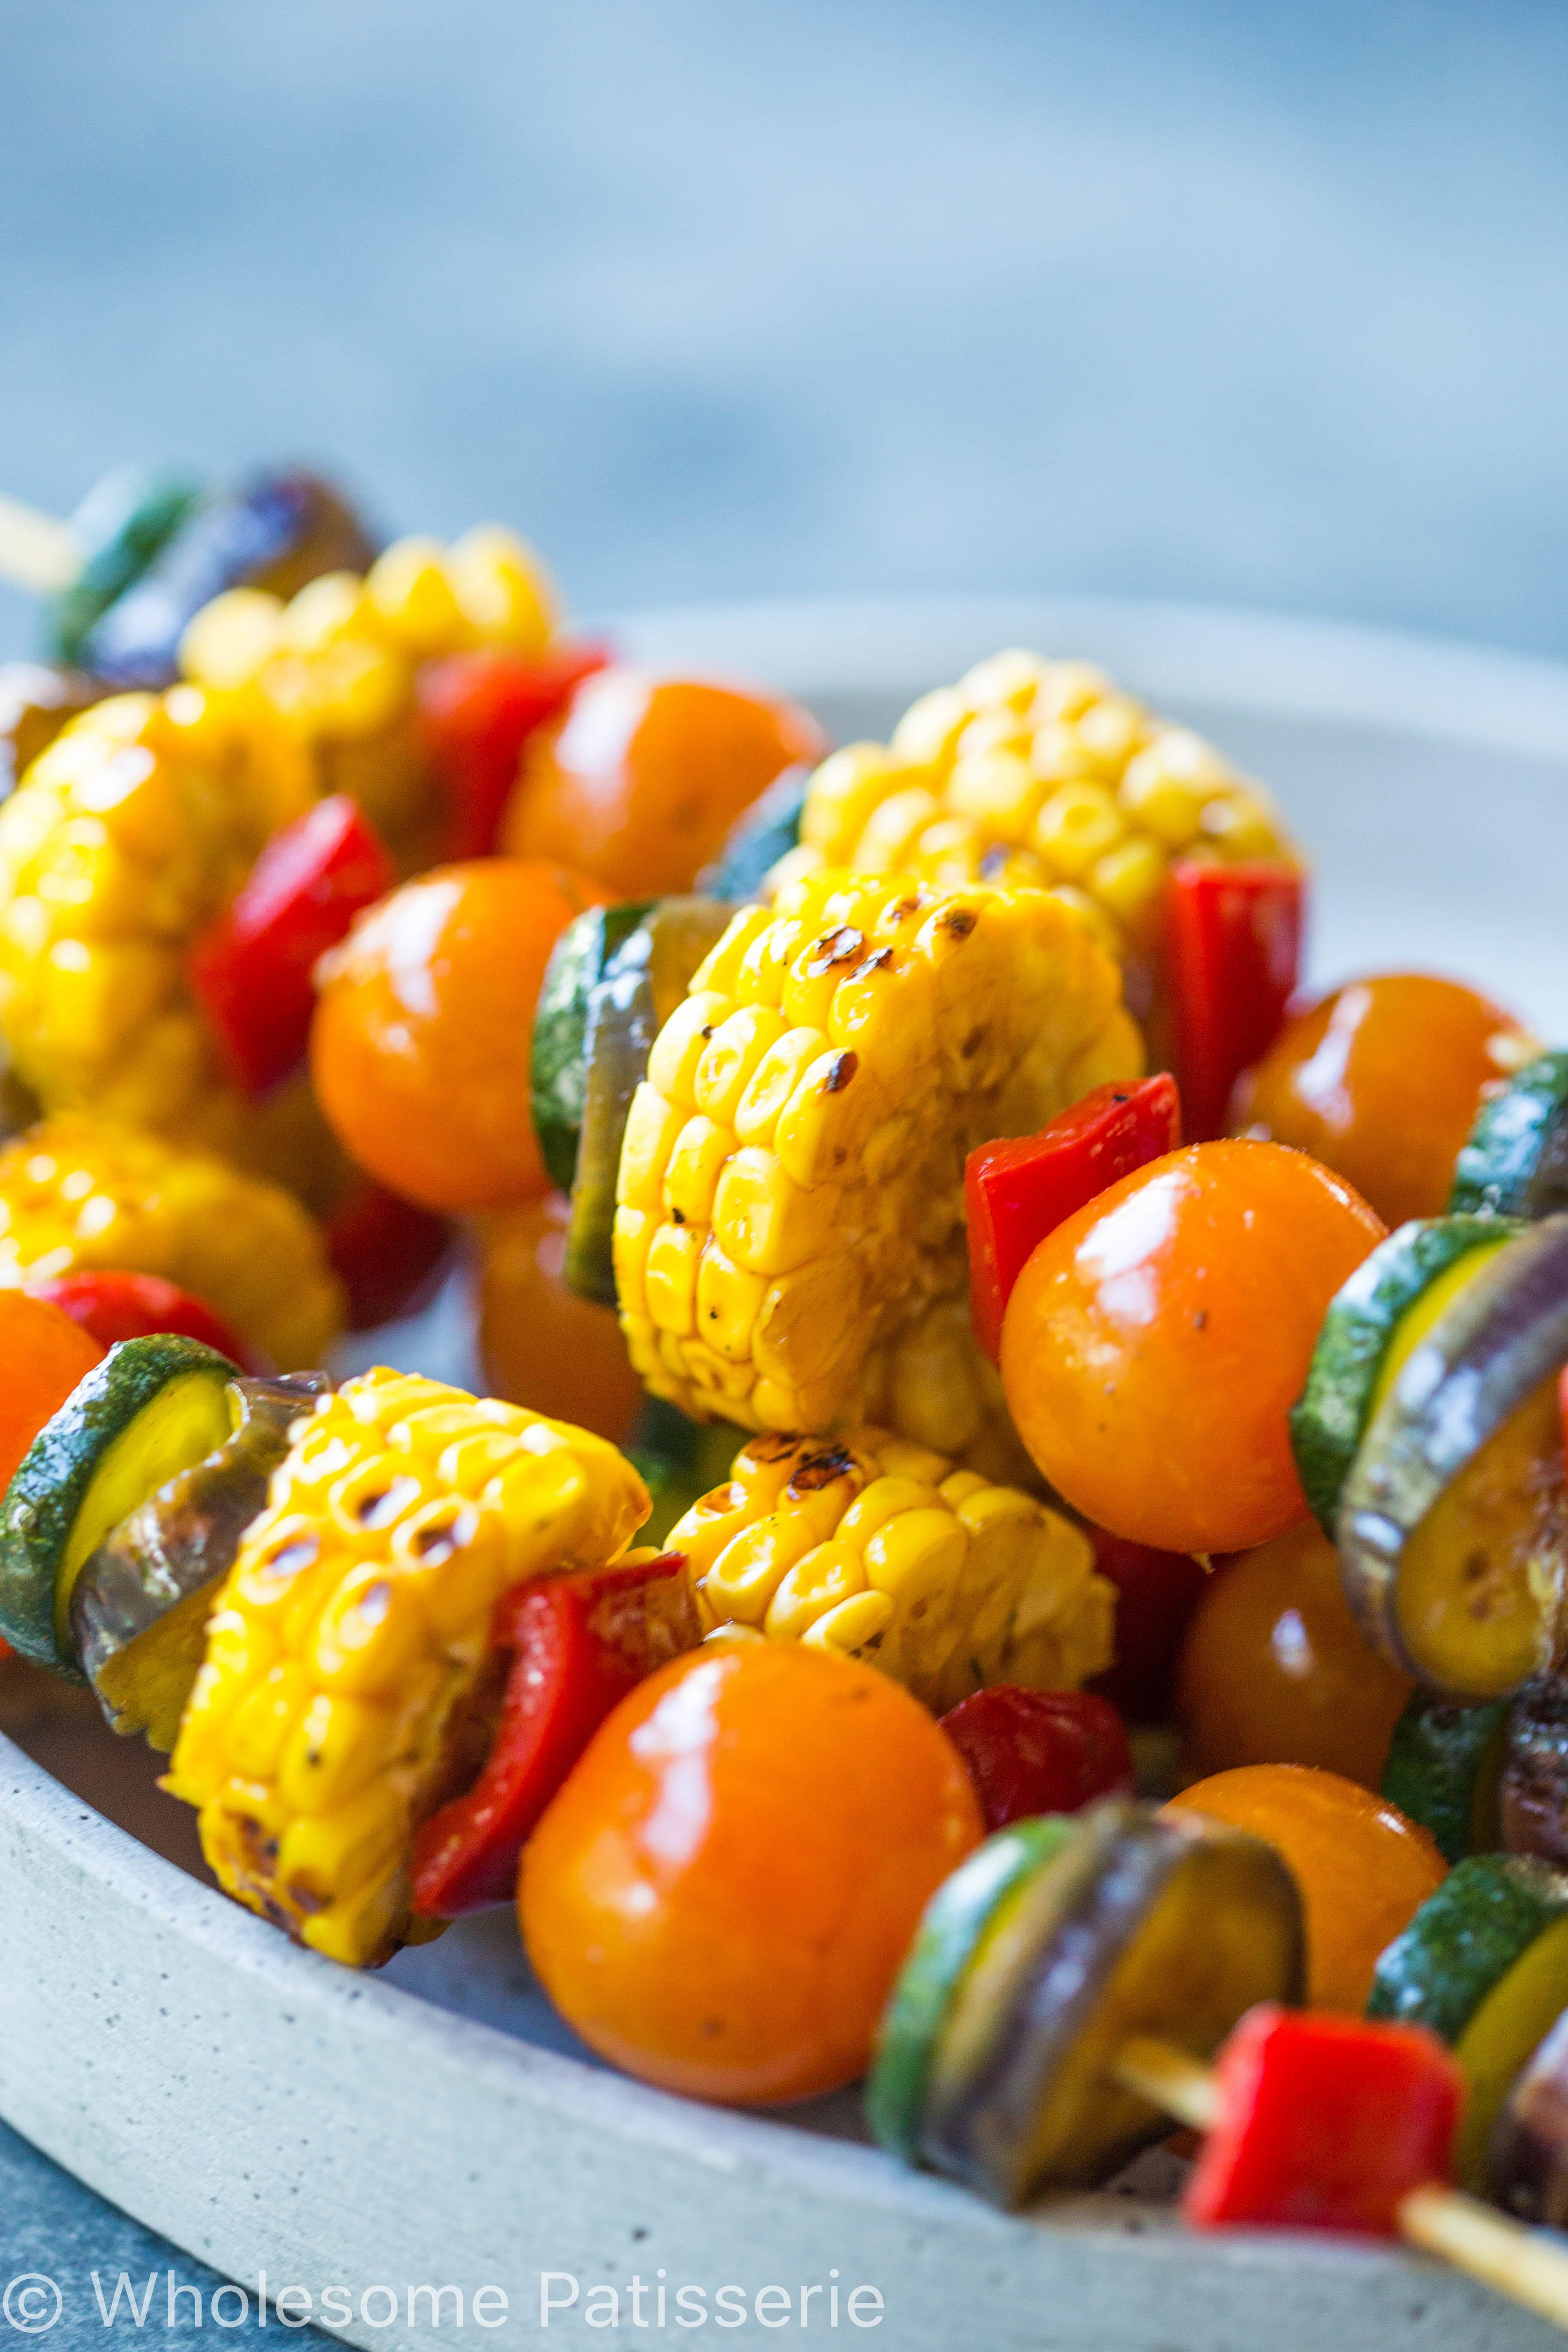 honey-soy-garlic-vegetable-skewers-gluten-free-vegan-vegetarian-kebabs-holidays